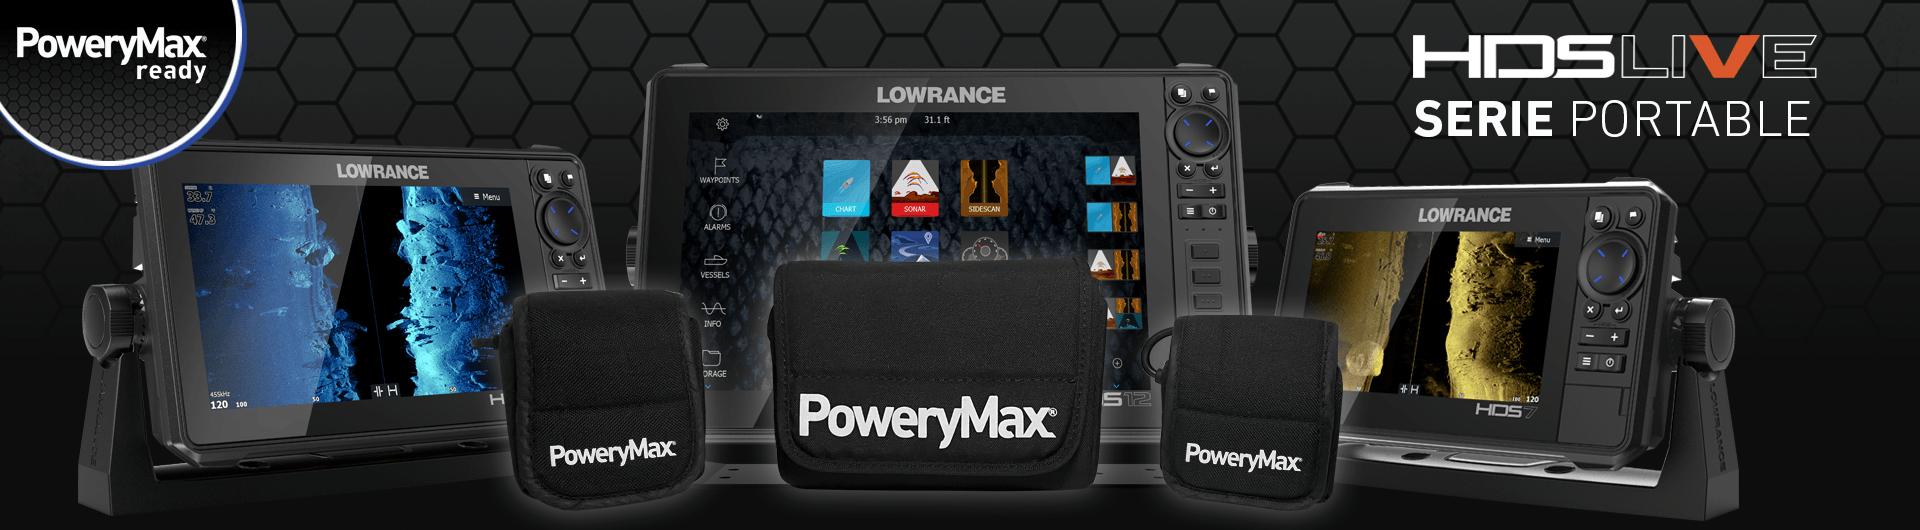 PoweryMax Ready Lowrance HDS LIVE